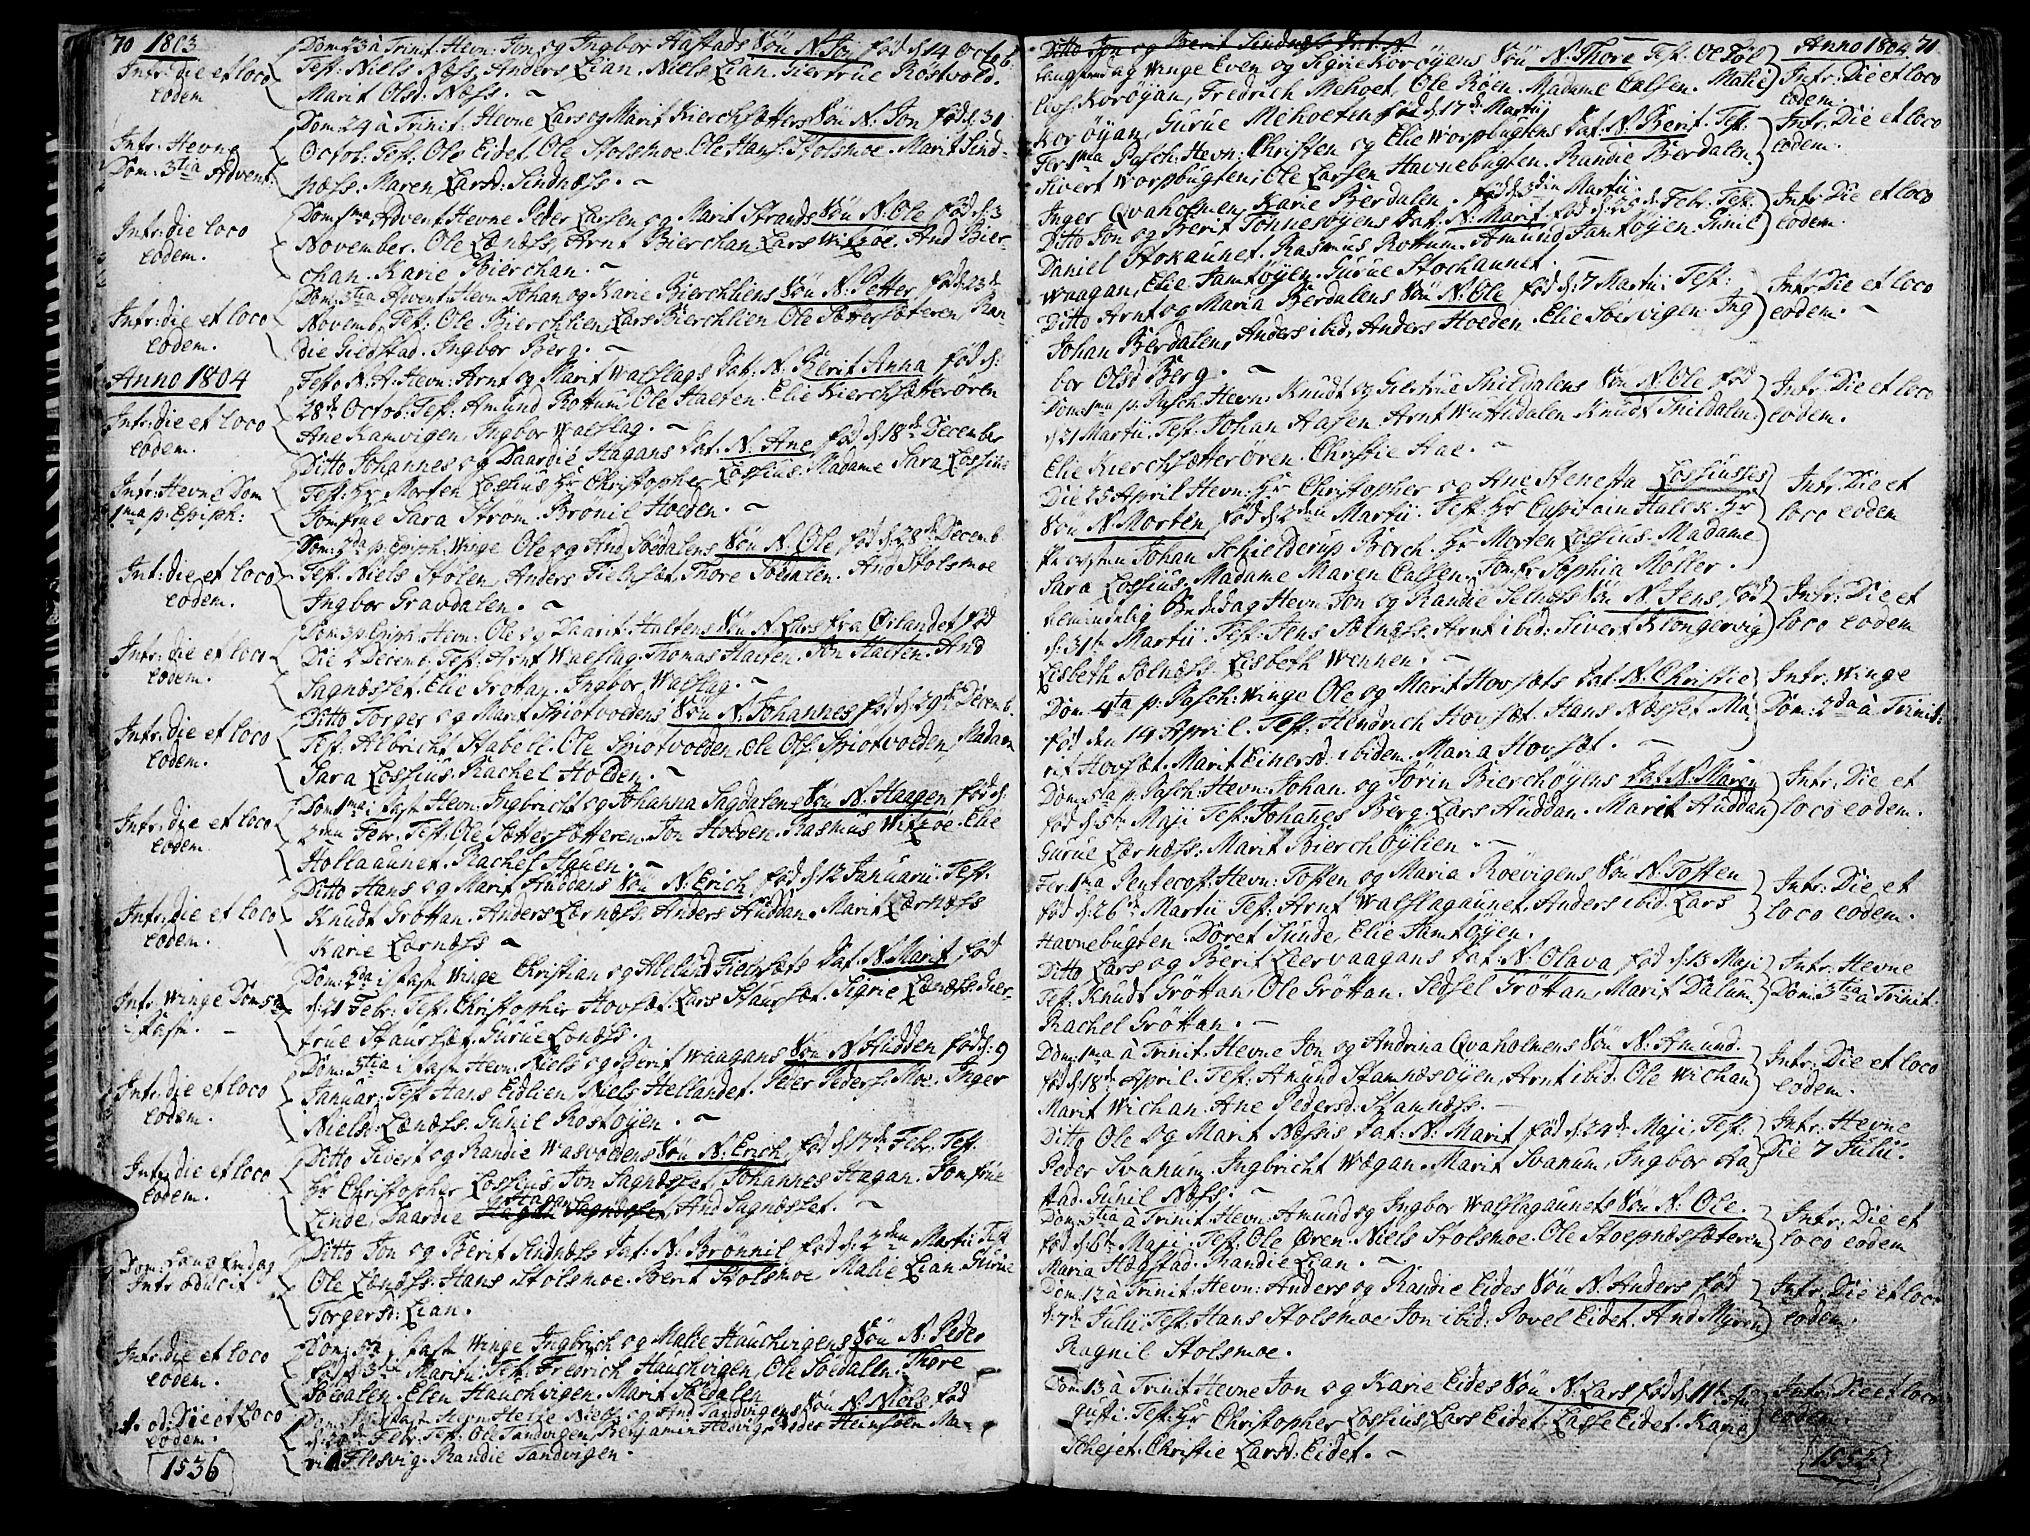 SAT, Ministerialprotokoller, klokkerbøker og fødselsregistre - Sør-Trøndelag, 630/L0490: Ministerialbok nr. 630A03, 1795-1818, s. 70-71